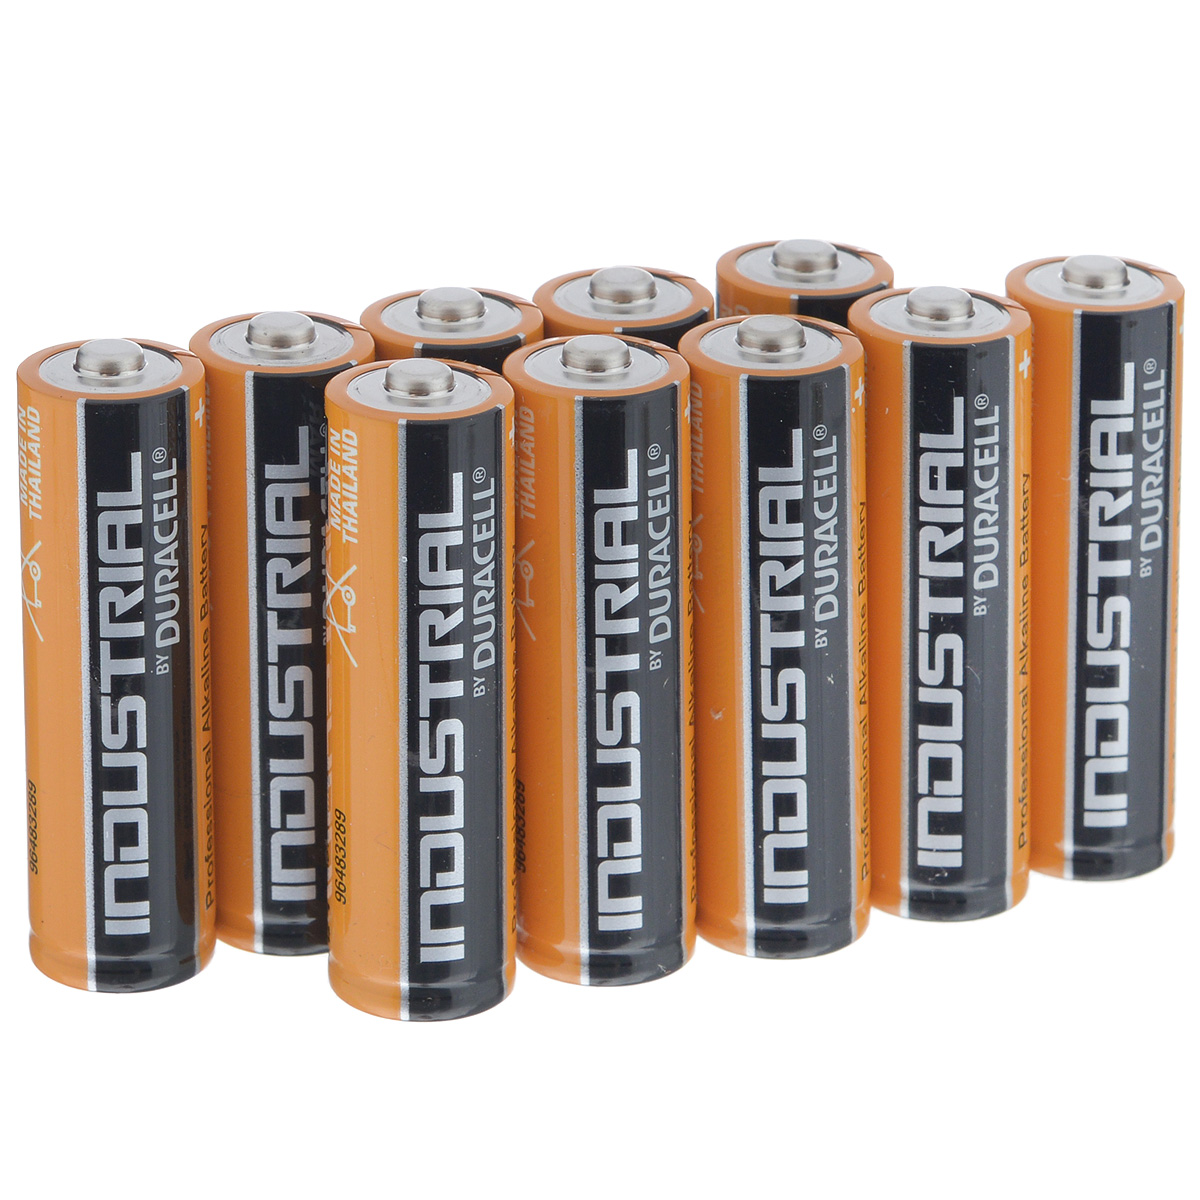 Батарейка алкалиновая Duracell Industrial LR6, тип АА, 1,5V, 10 шт5055398601020Батарейка алкалиновая Duracell Industrial LR6 предназначена для использования в приборах с высоким потреблением электроэнергии: фотоаппараты, плееры, фонари.